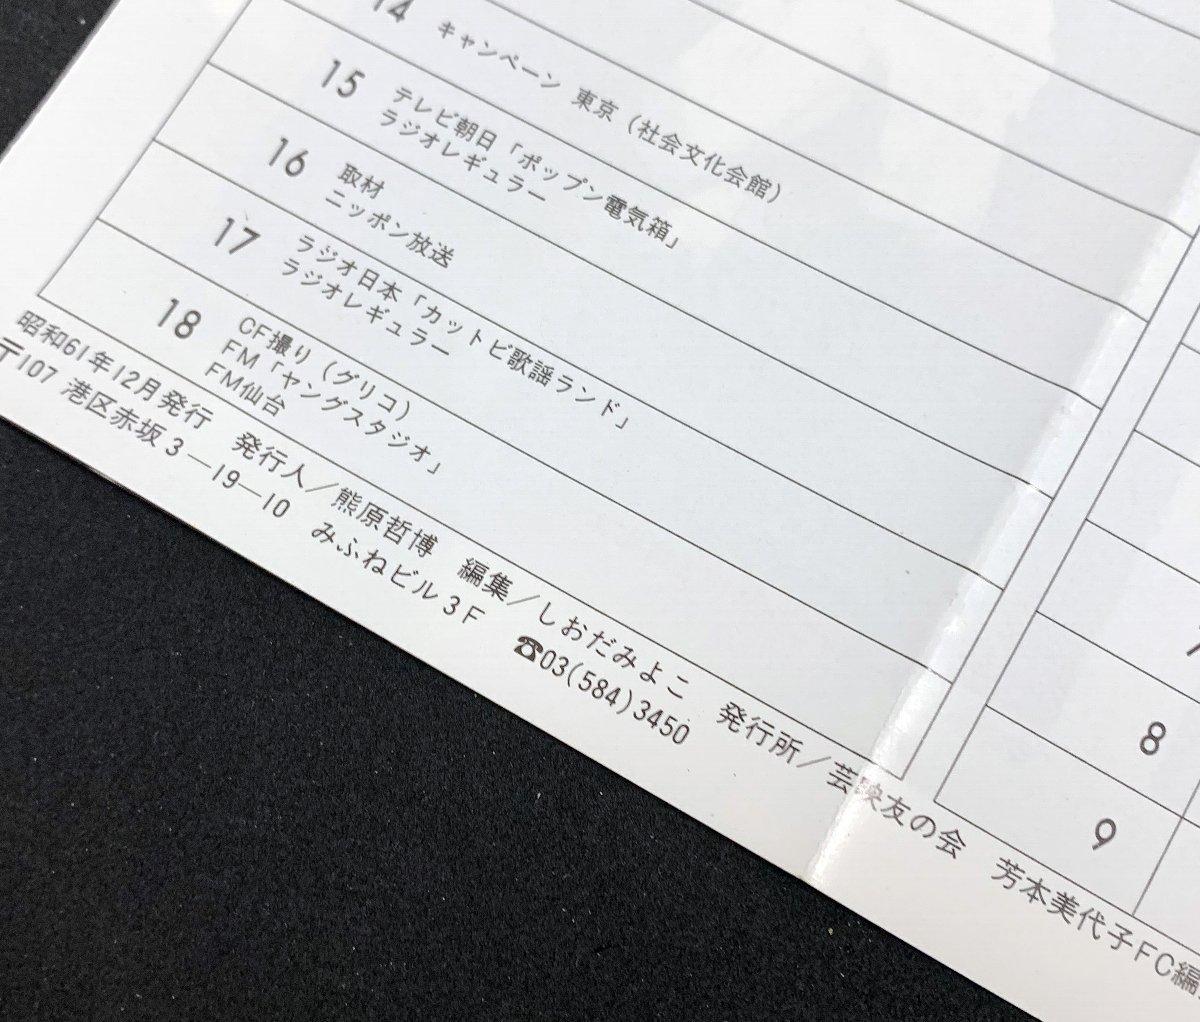 芳本美代子 ファンクラブ会報 ミヨコクラブ vol.10 昭和61年12月_画像3